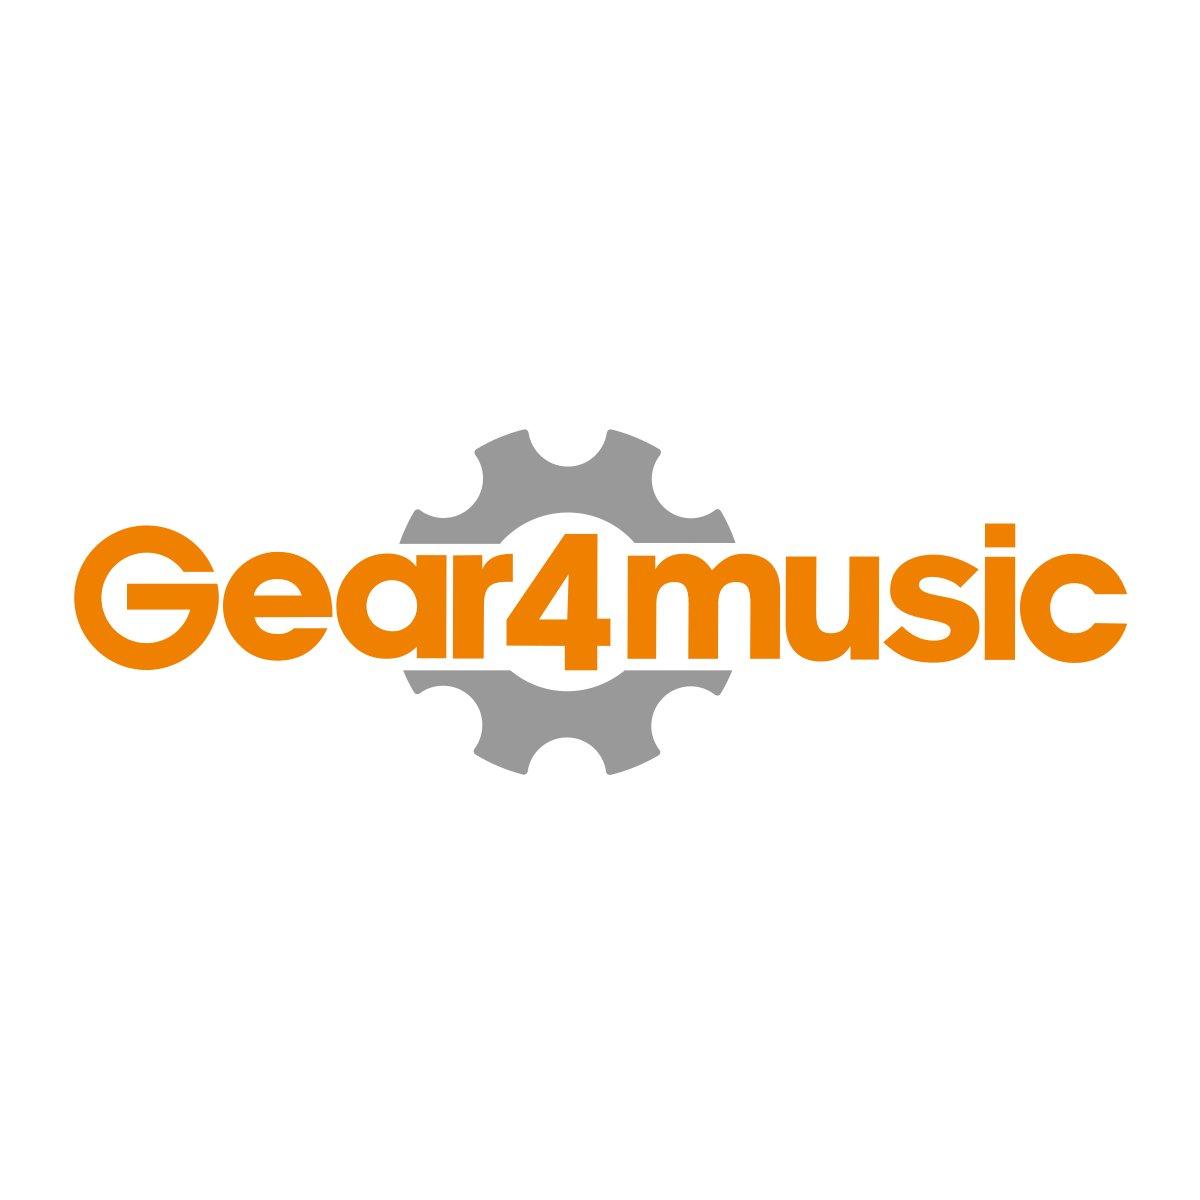 Semiakustisk Basgitarr av Gear4Music, Vänsterhänt